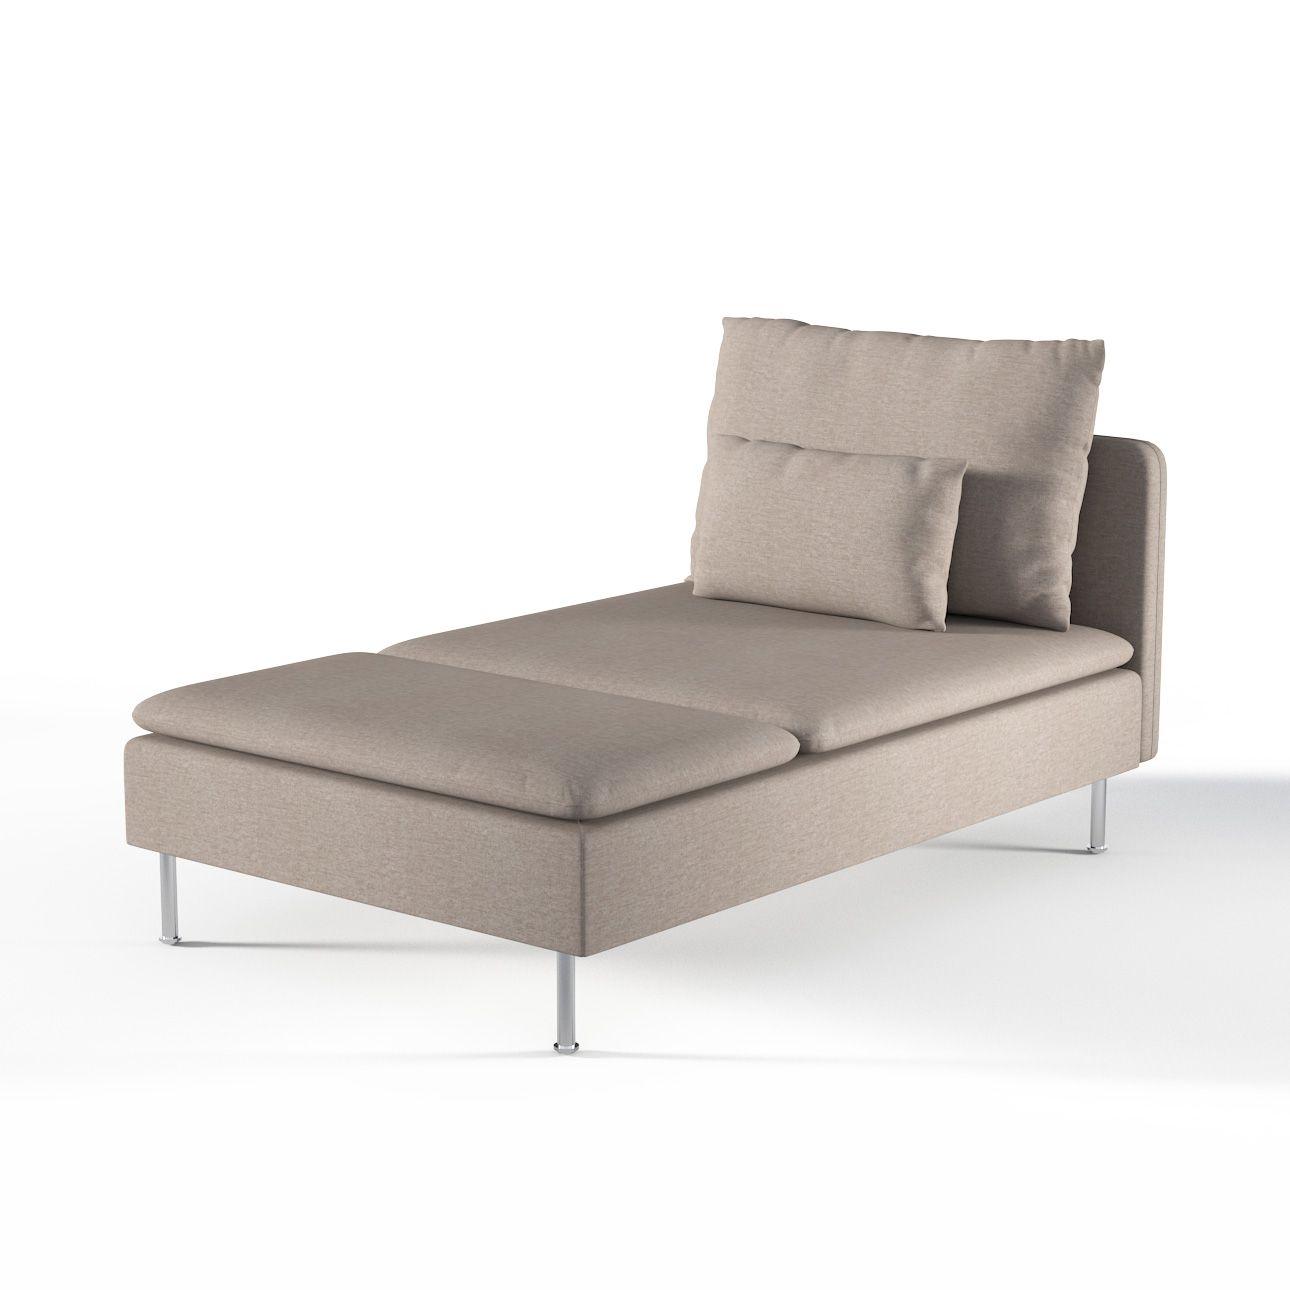 Bezüge/ Hussen für Söderhamn-Möbel sind da